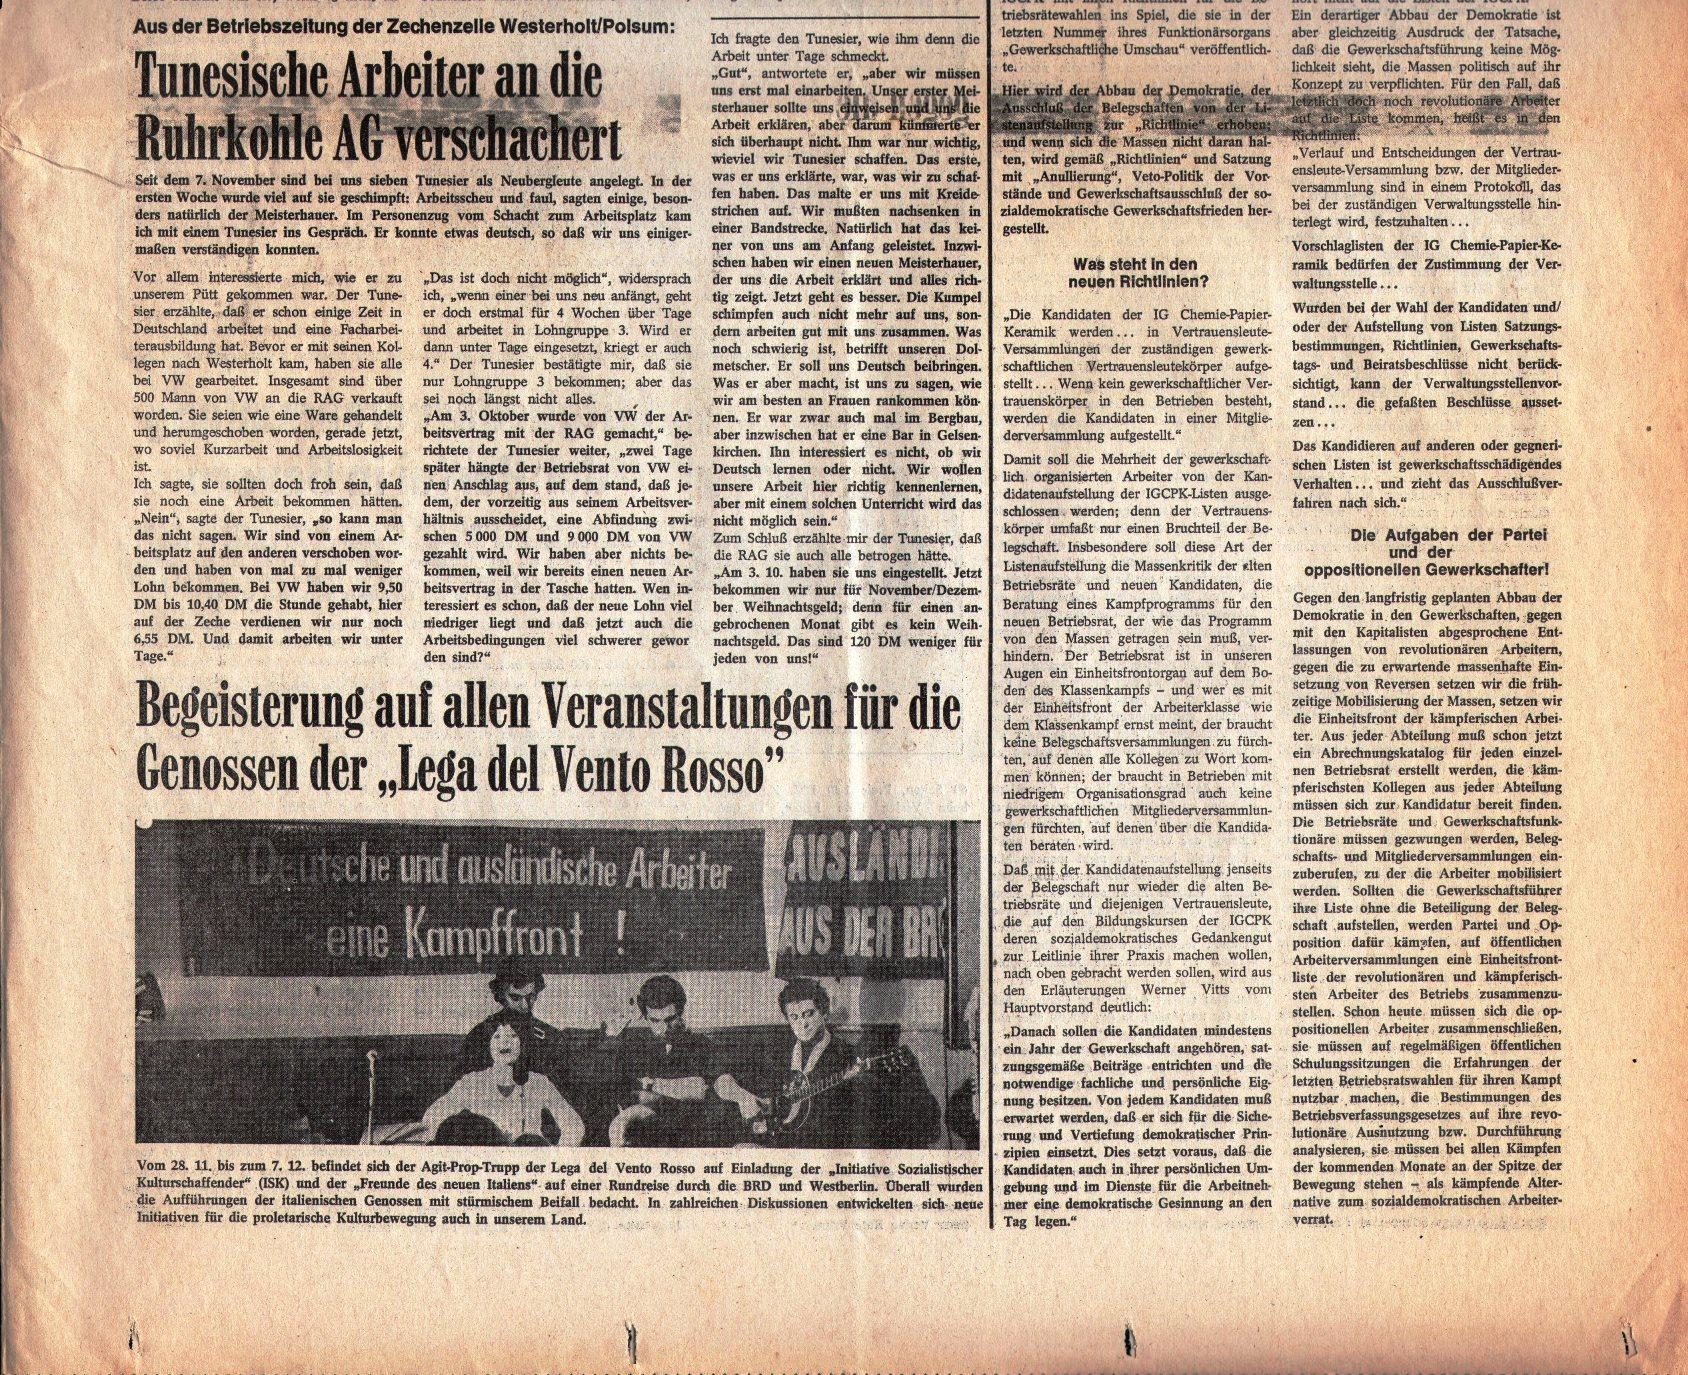 KPD_Rote_Fahne_1974_49_14